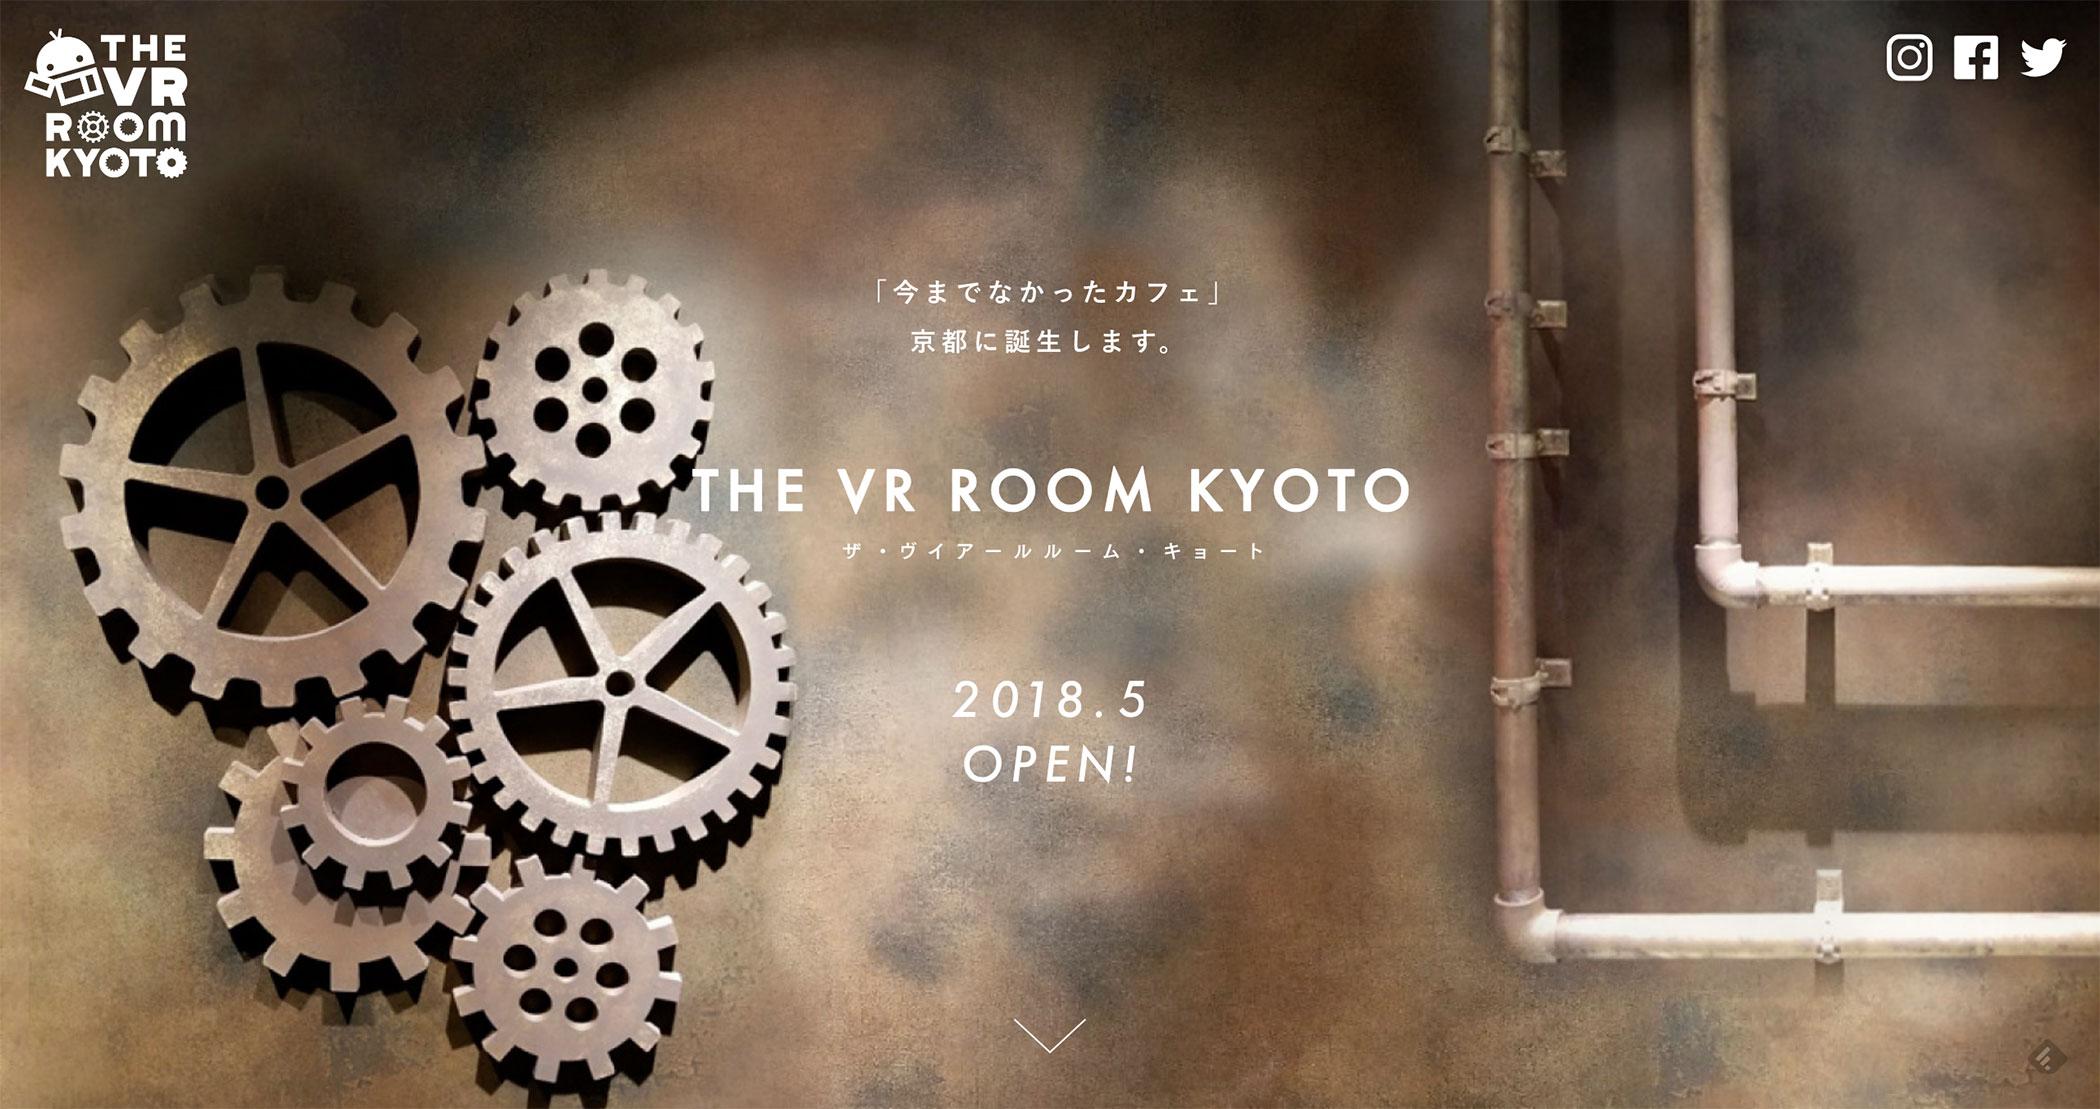 京都市内にVRカフェ「THE VR ROOM KYOTO」オープン